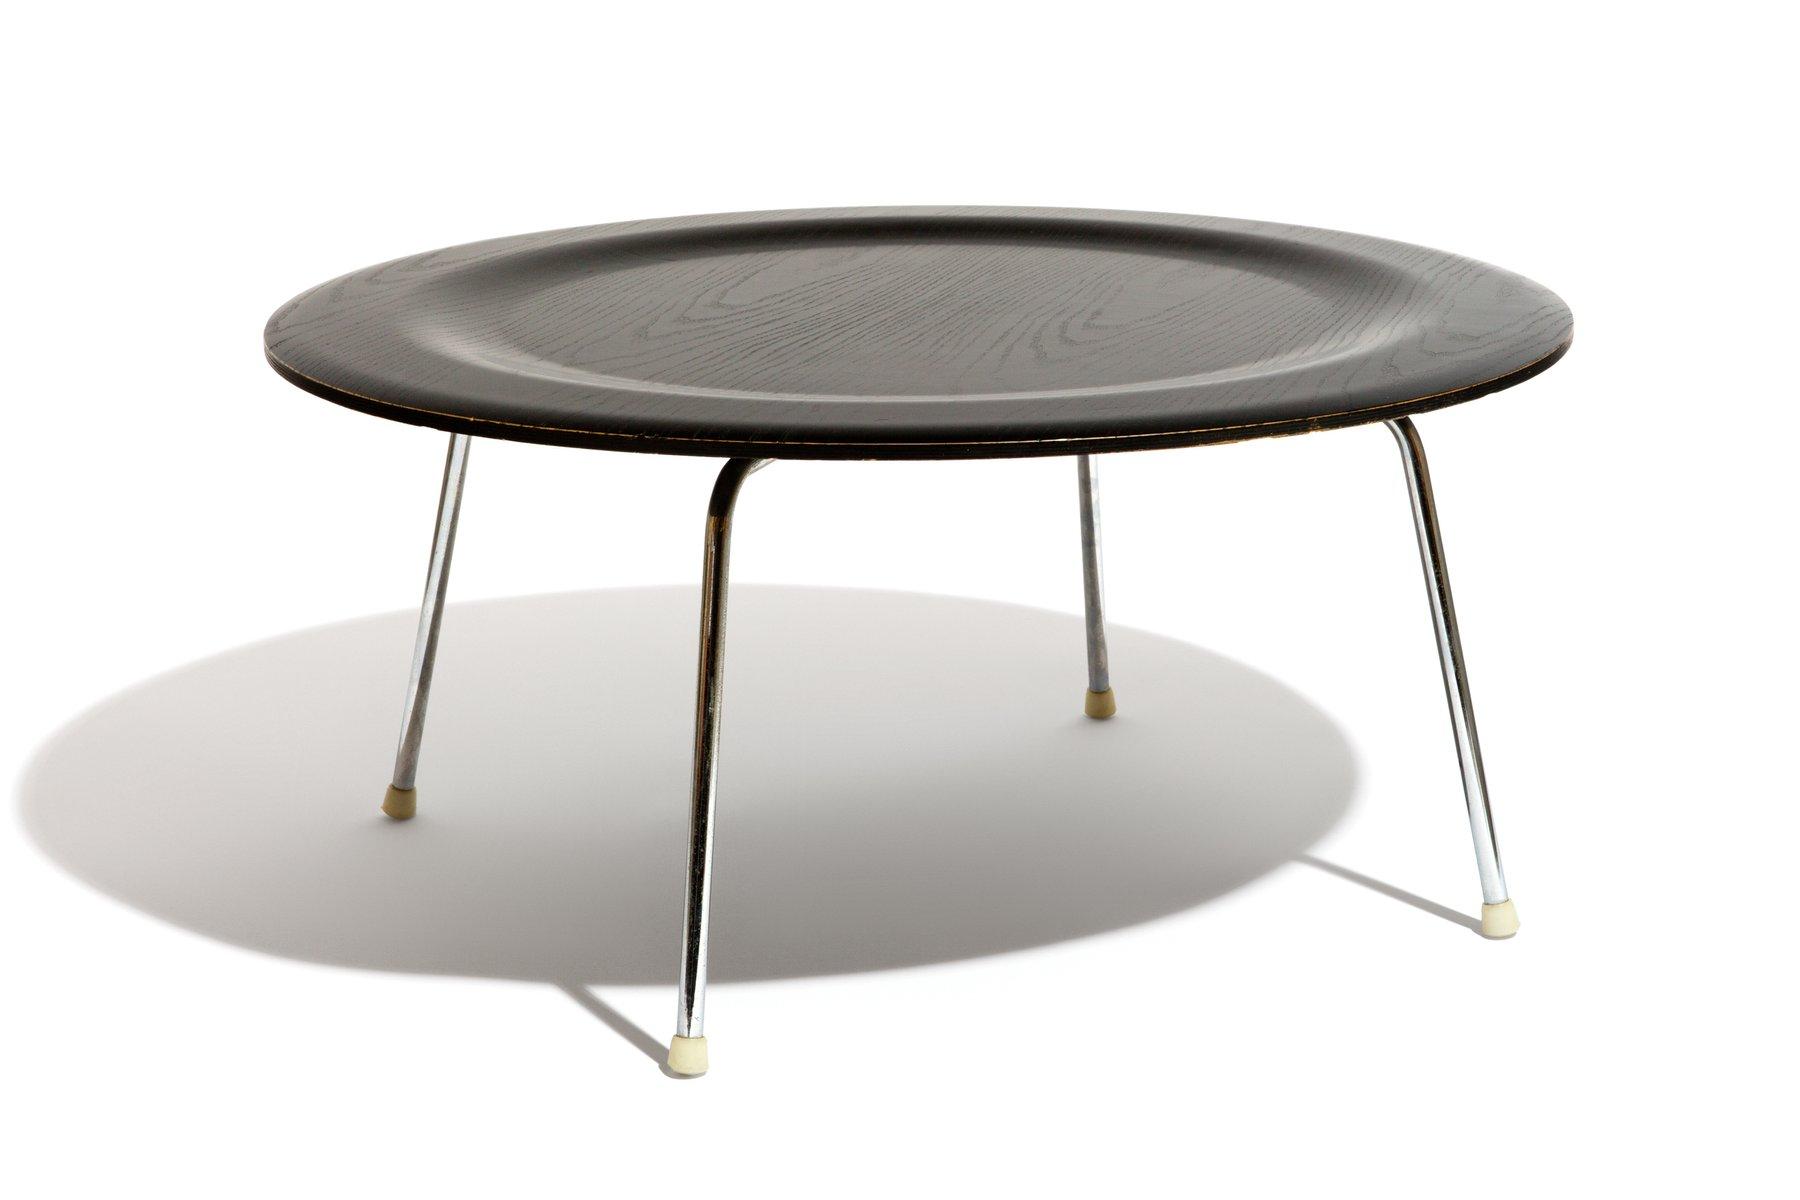 ctm couchtisch von ray charles eames f r vitra 1970er bei pamono kaufen. Black Bedroom Furniture Sets. Home Design Ideas